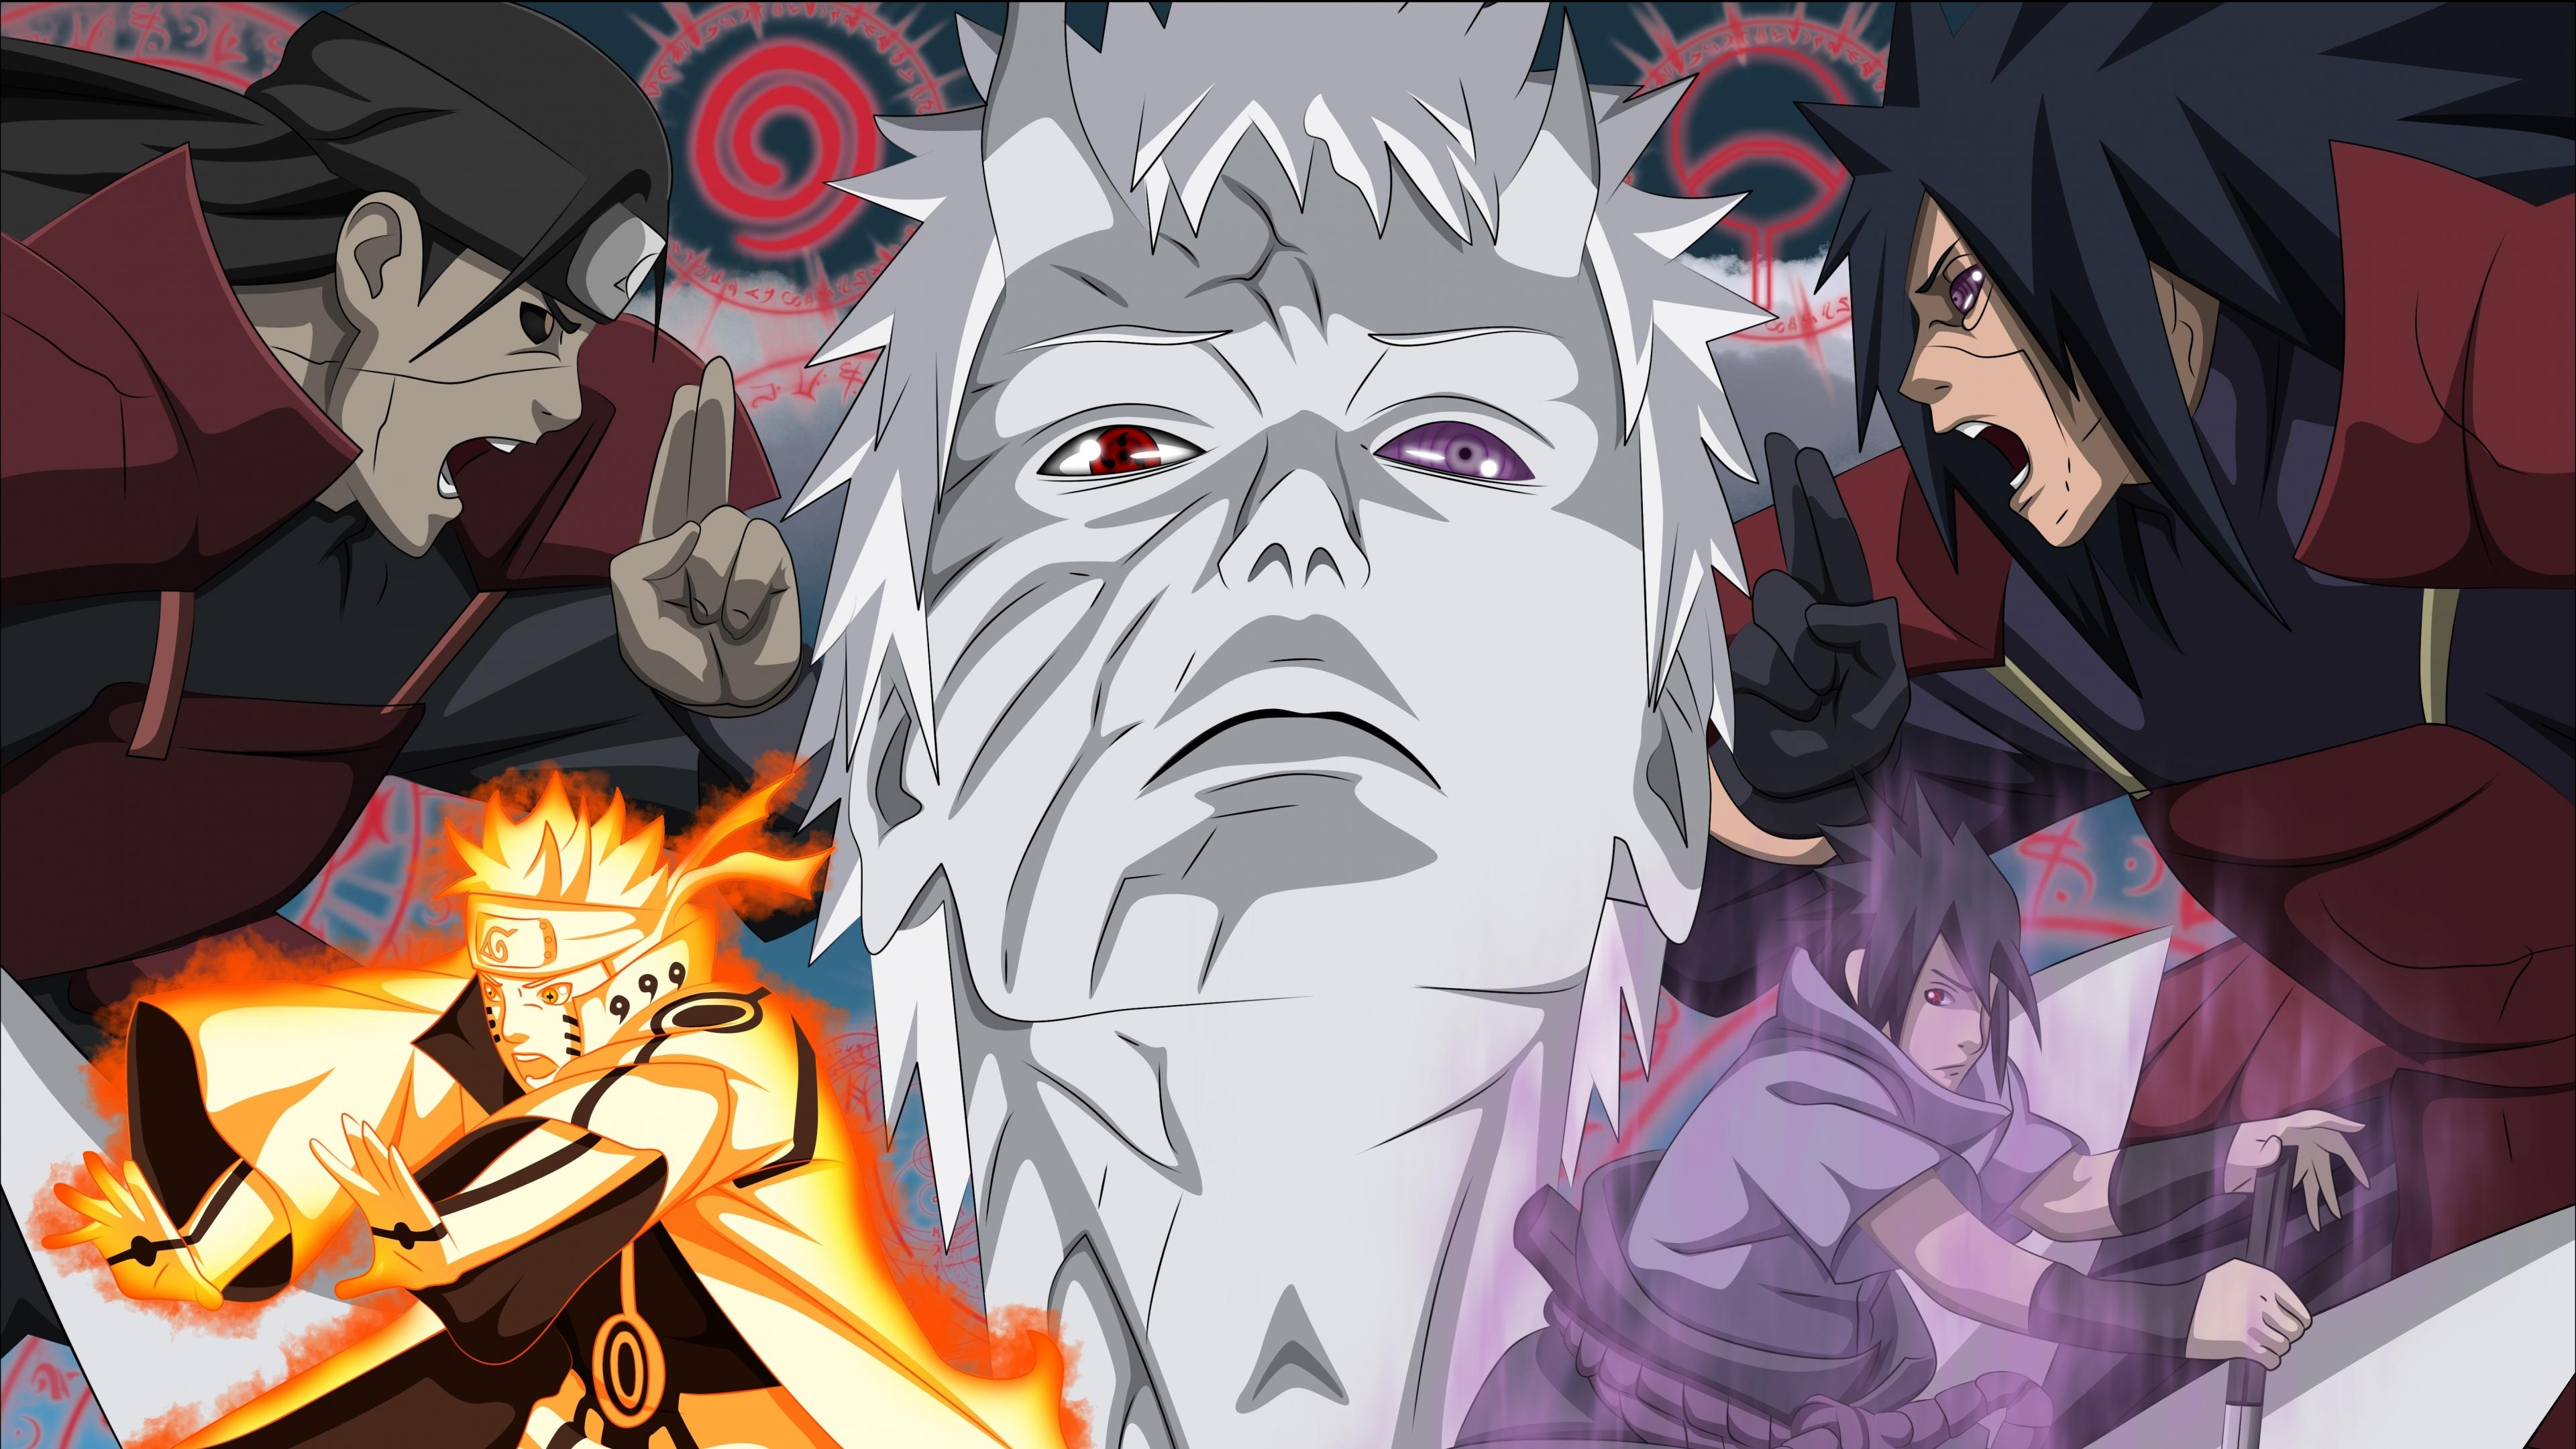 X Madara Uchiha Naruto Anime Obito Tobi Akatsuki Naruto Naruto Vs Madara 3840x2160 Download Hd Wallpaper Wallpapertip